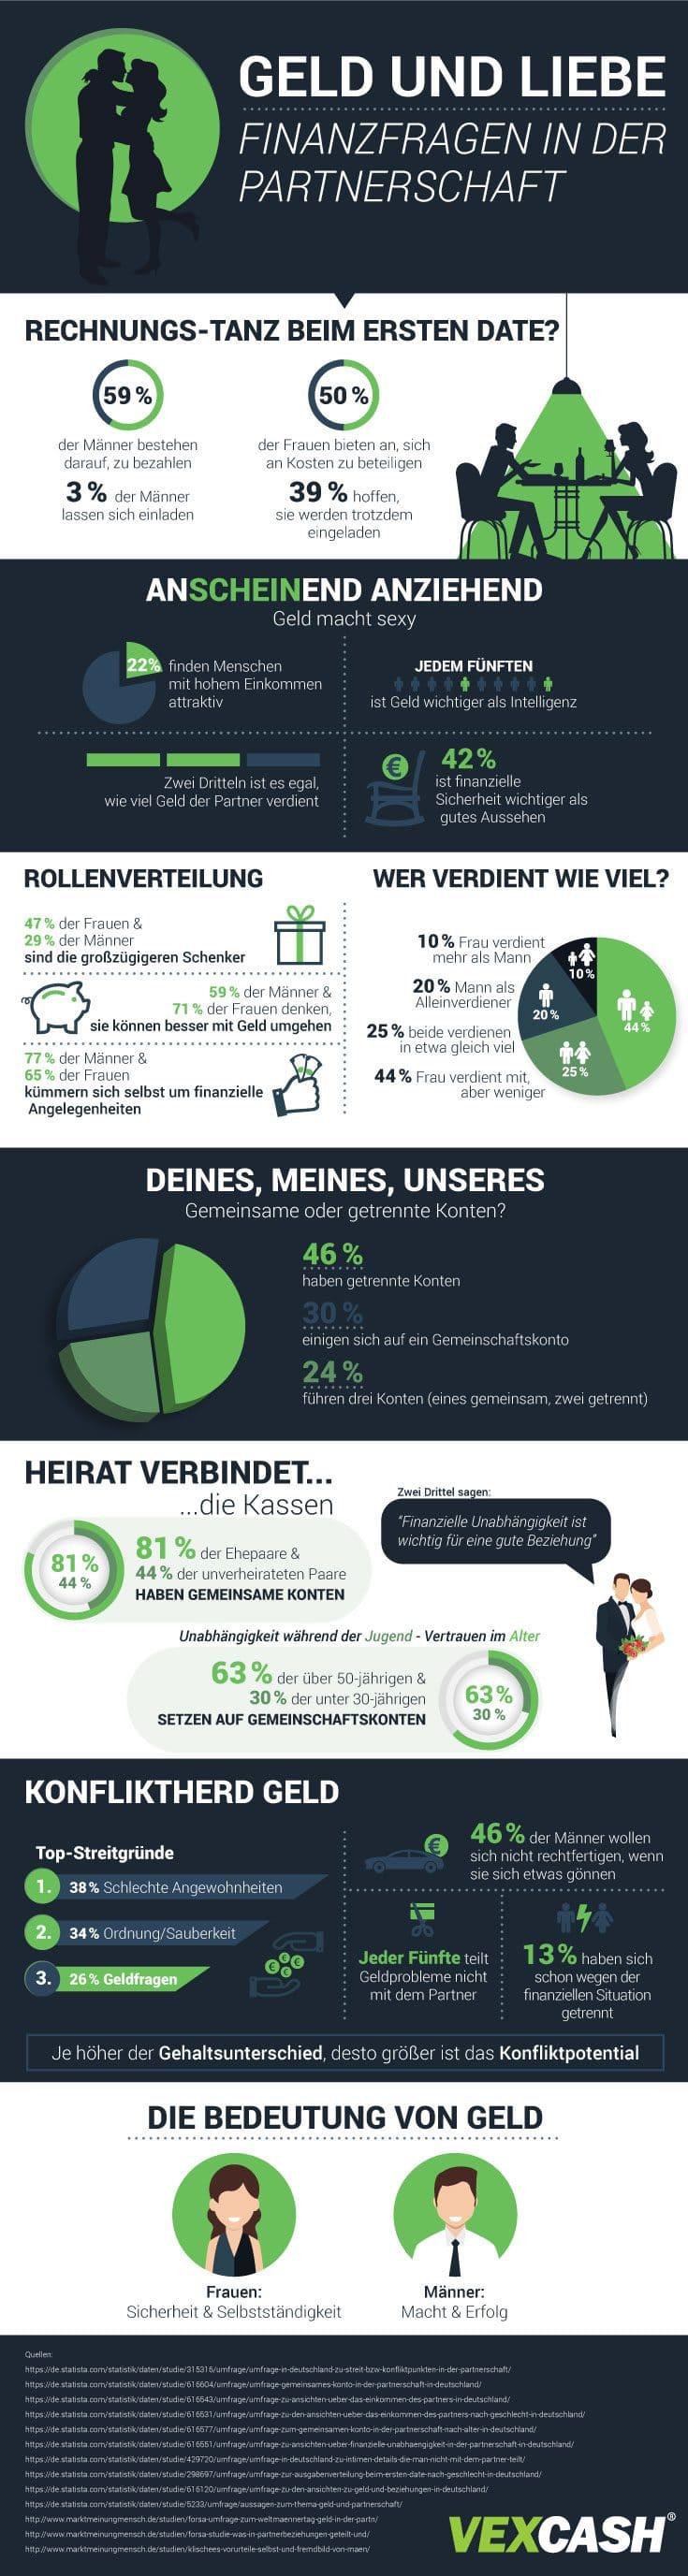 Geld und Liebe Infografik von VEXCASH